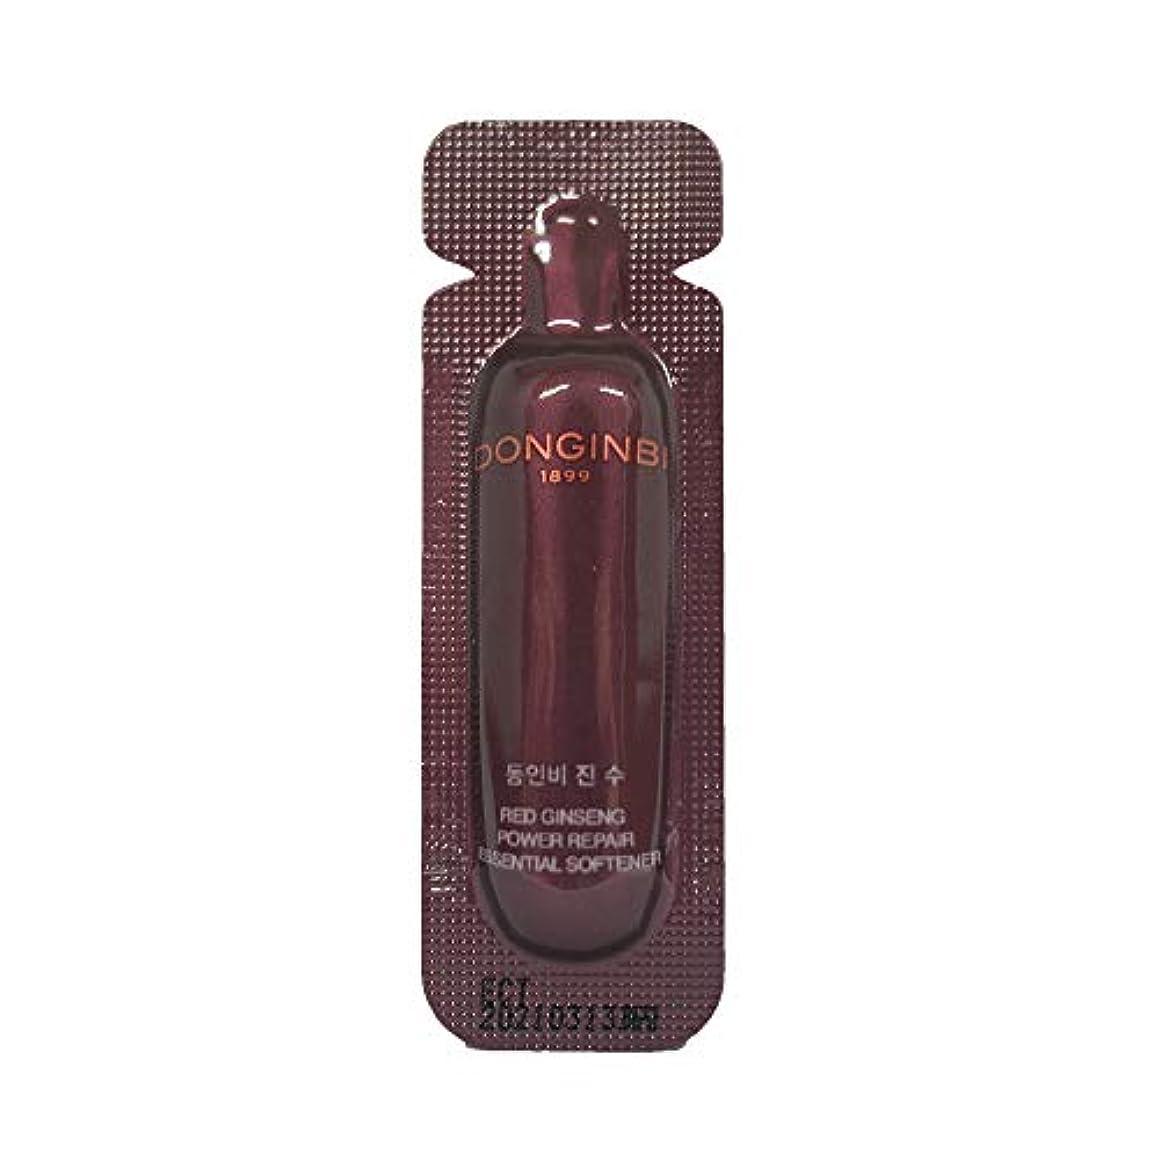 せせらぎしなやかバイオリニスト[正官庄/ドンインビ/DONGINBI]ドンインビ?ジン?水1mlx30枚 Donginbi Red Ginseng Power Repair Softner